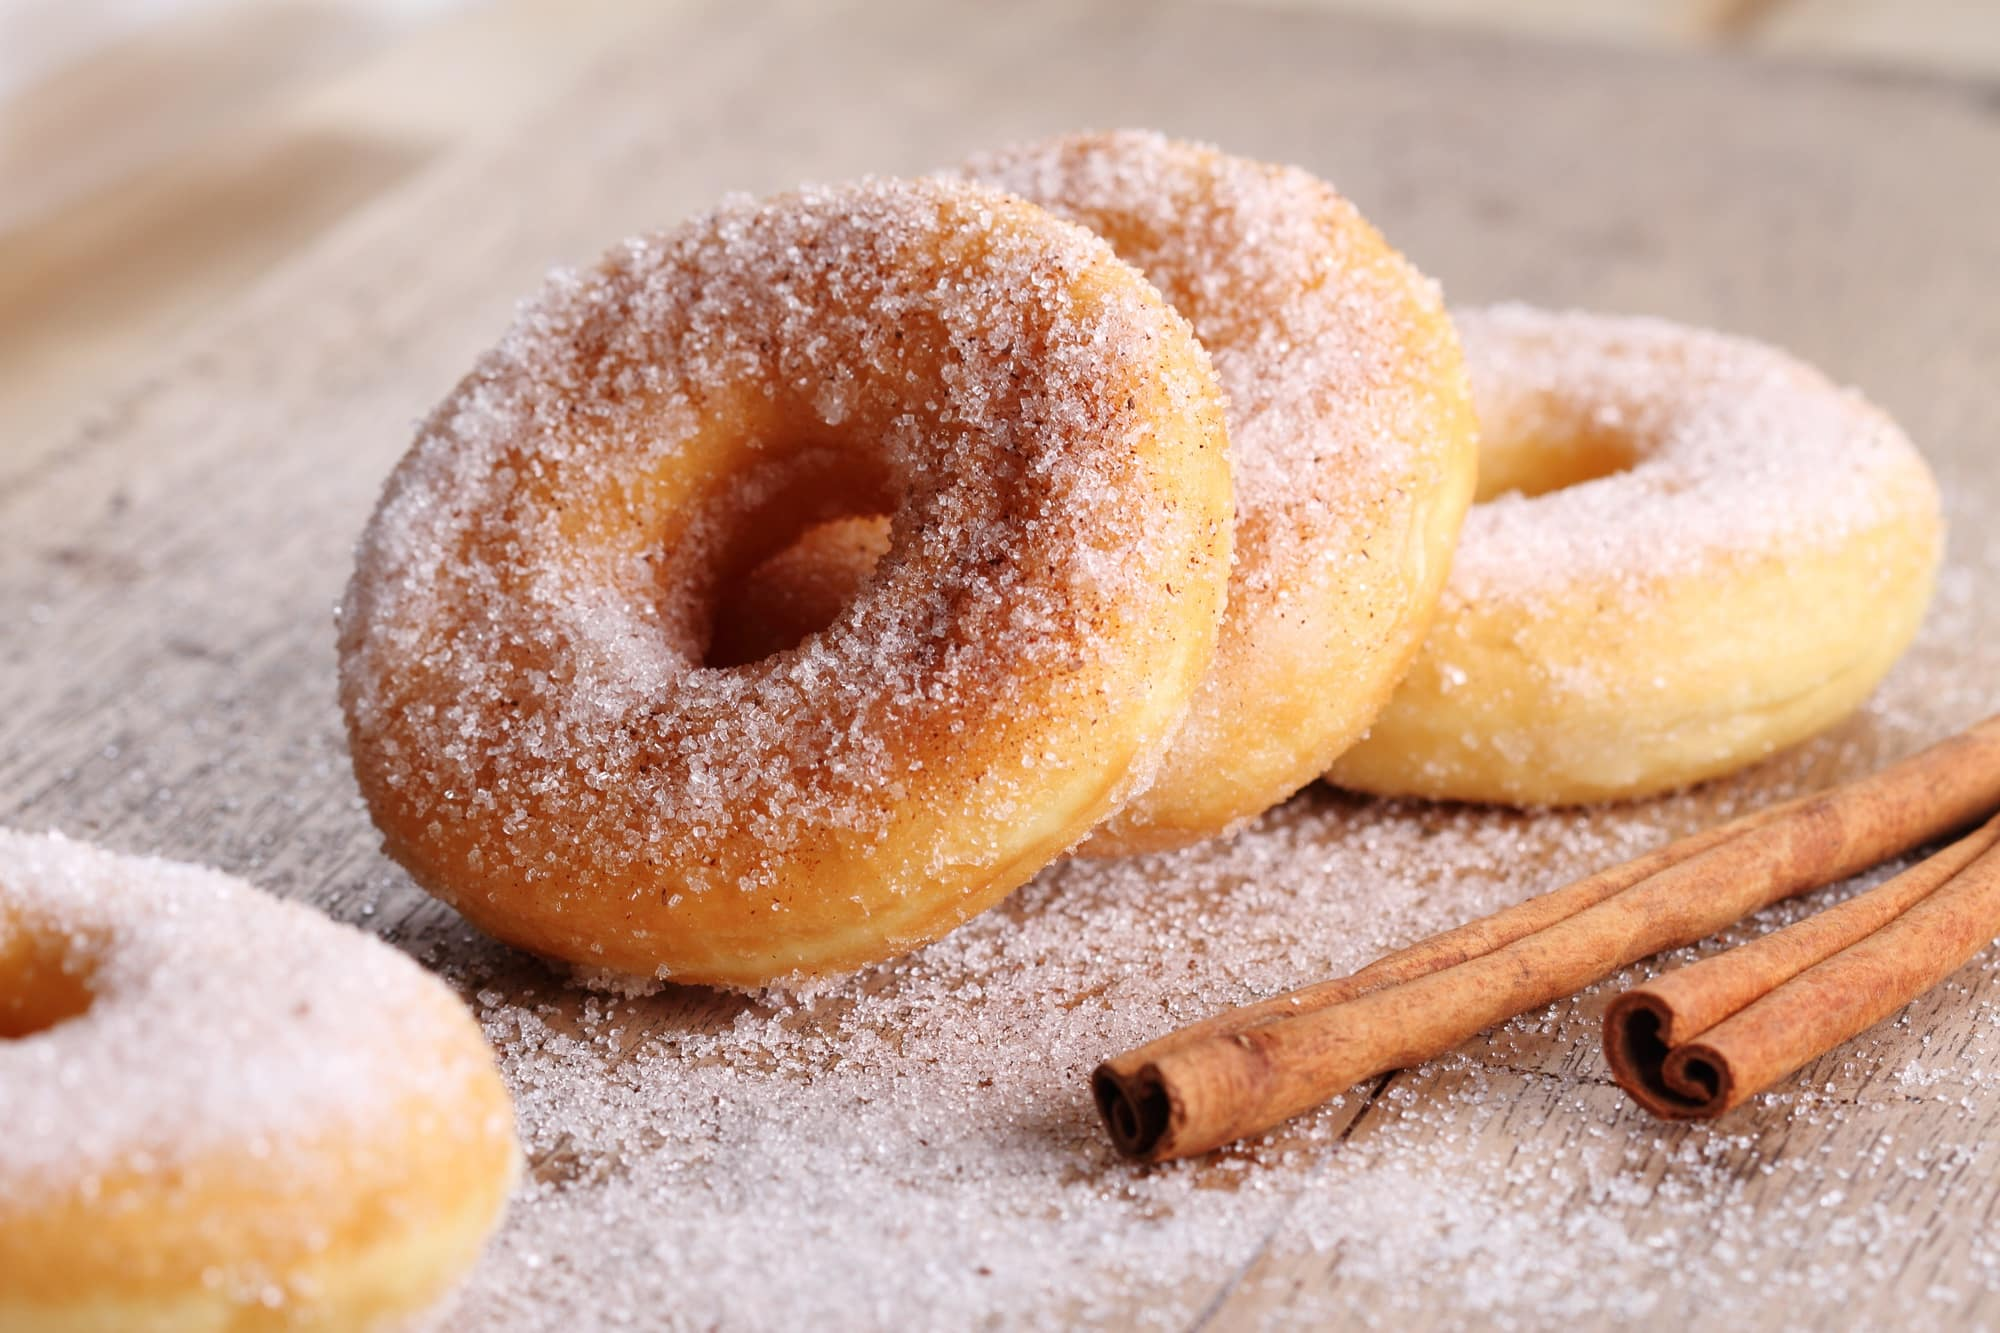 Cinnamon Sugar Uses